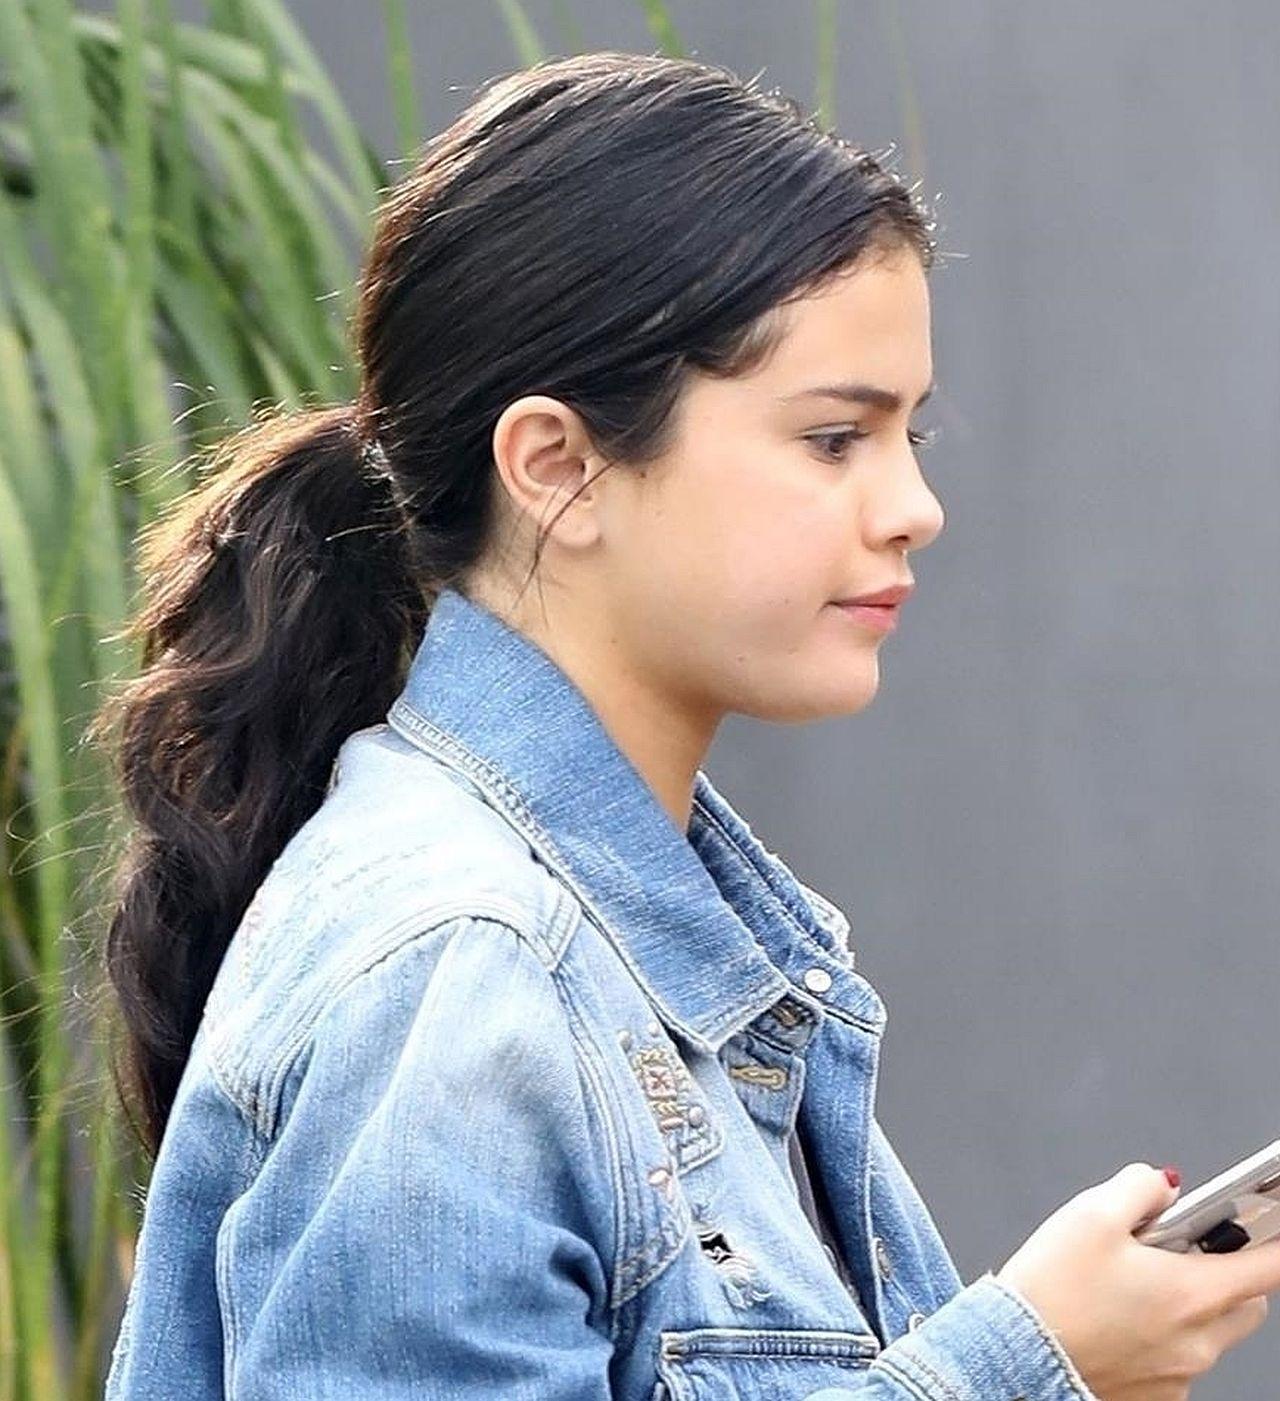 Selena Gomez BEZ MAKIJAŻU w luźnej, jeansowej kurtce (ZDJĘCIA)